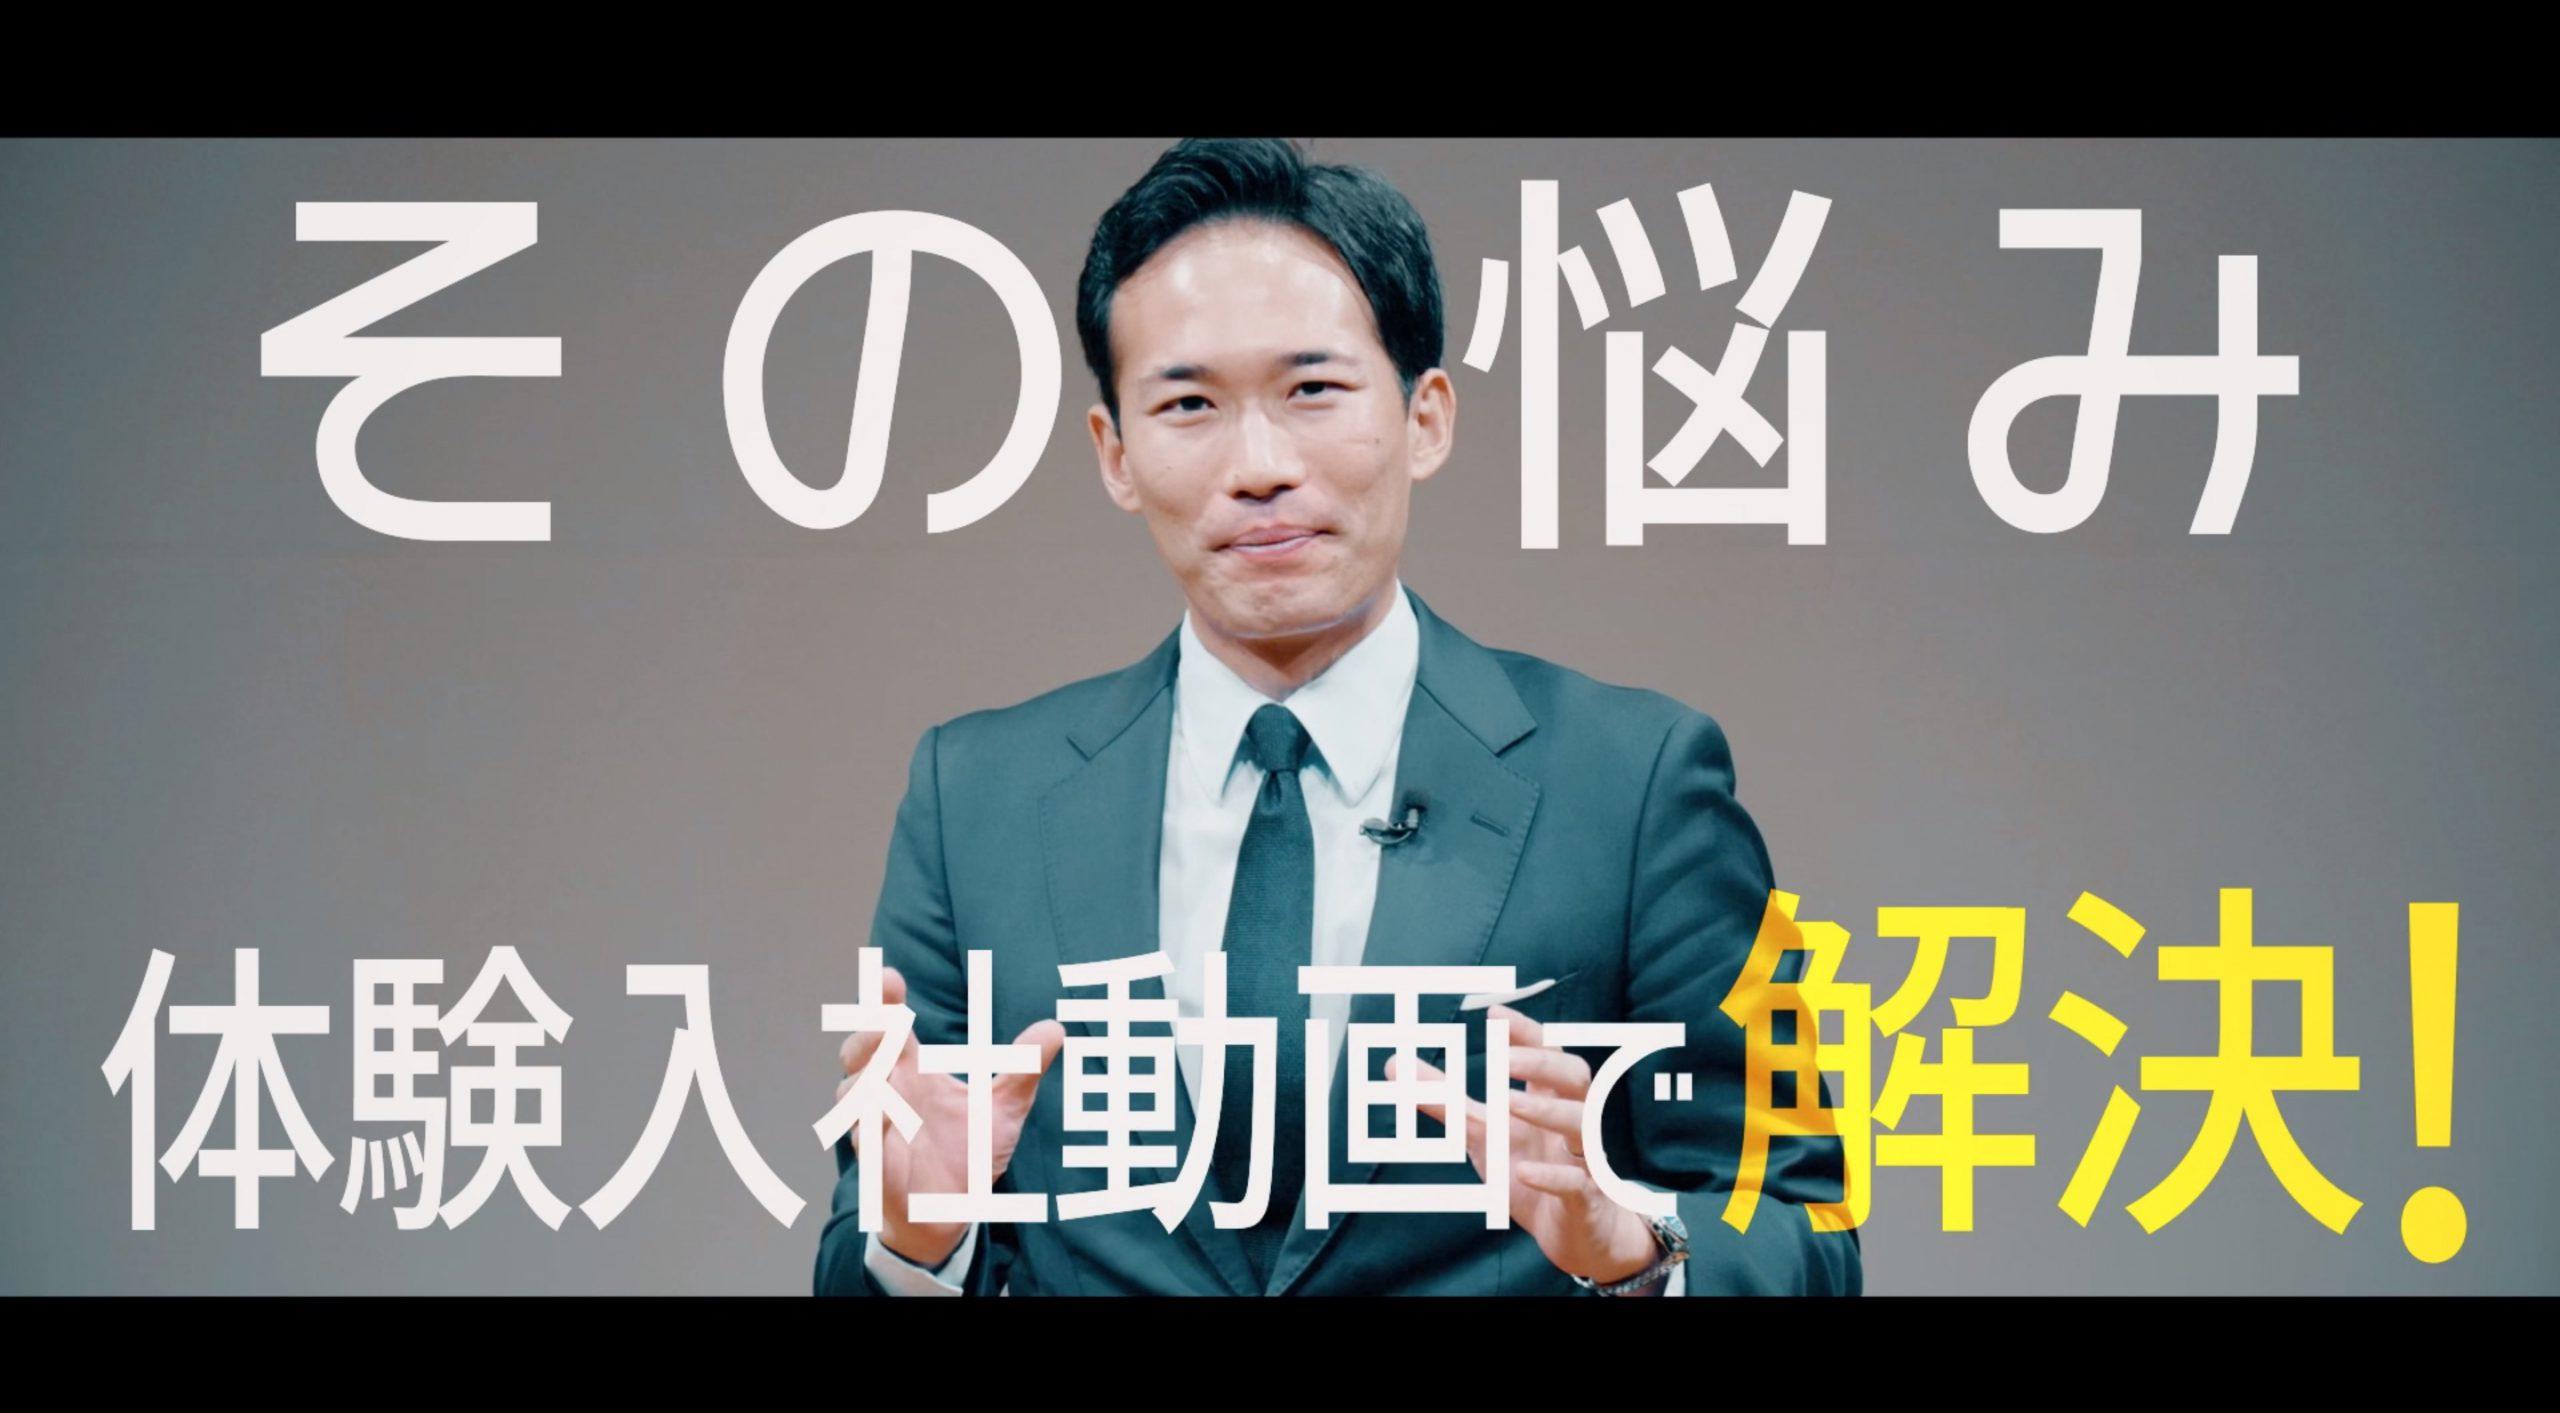 【人事・採用担当の方へ】体験入社動画とは??